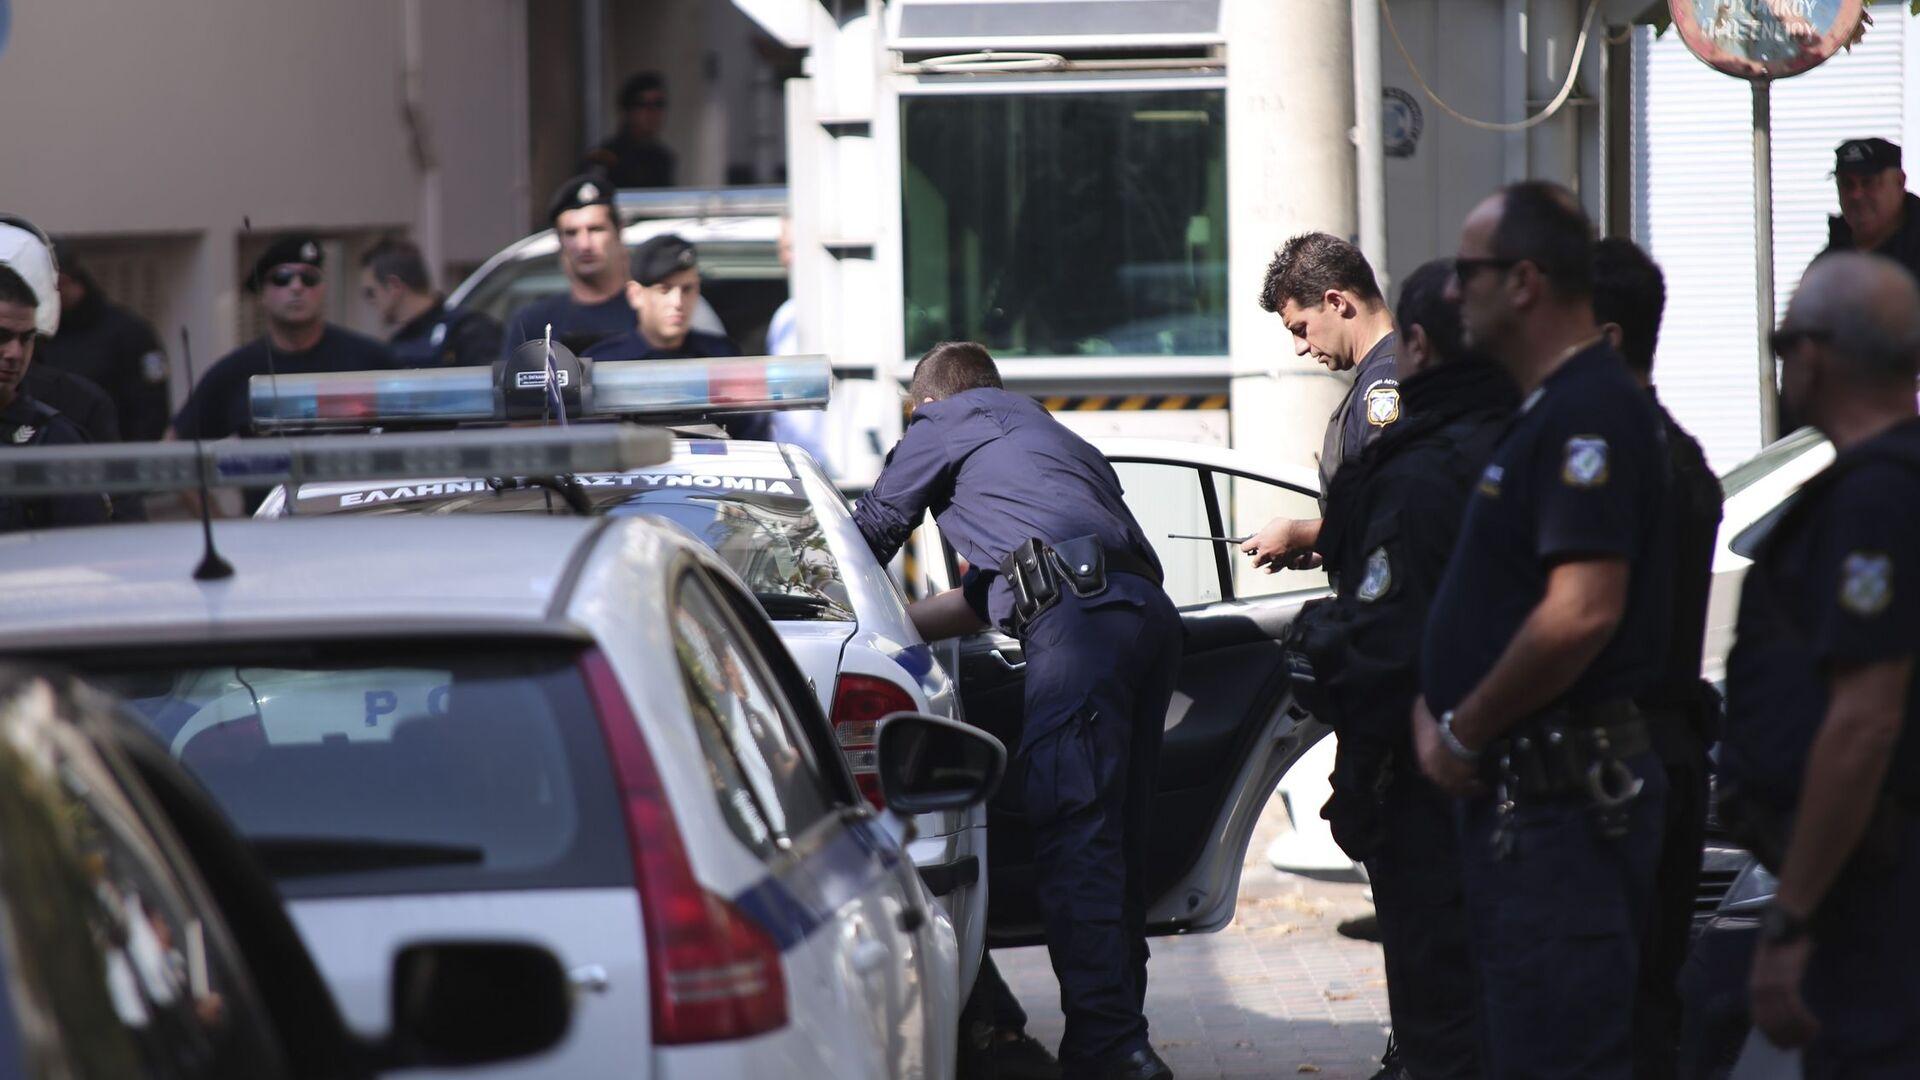 Συλλήψεις από την αστυνομία στη Θεσσαλονίκη μετά την εισβολή στο τουρκικό προξενείο. - Sputnik Ελλάδα, 1920, 23.09.2021